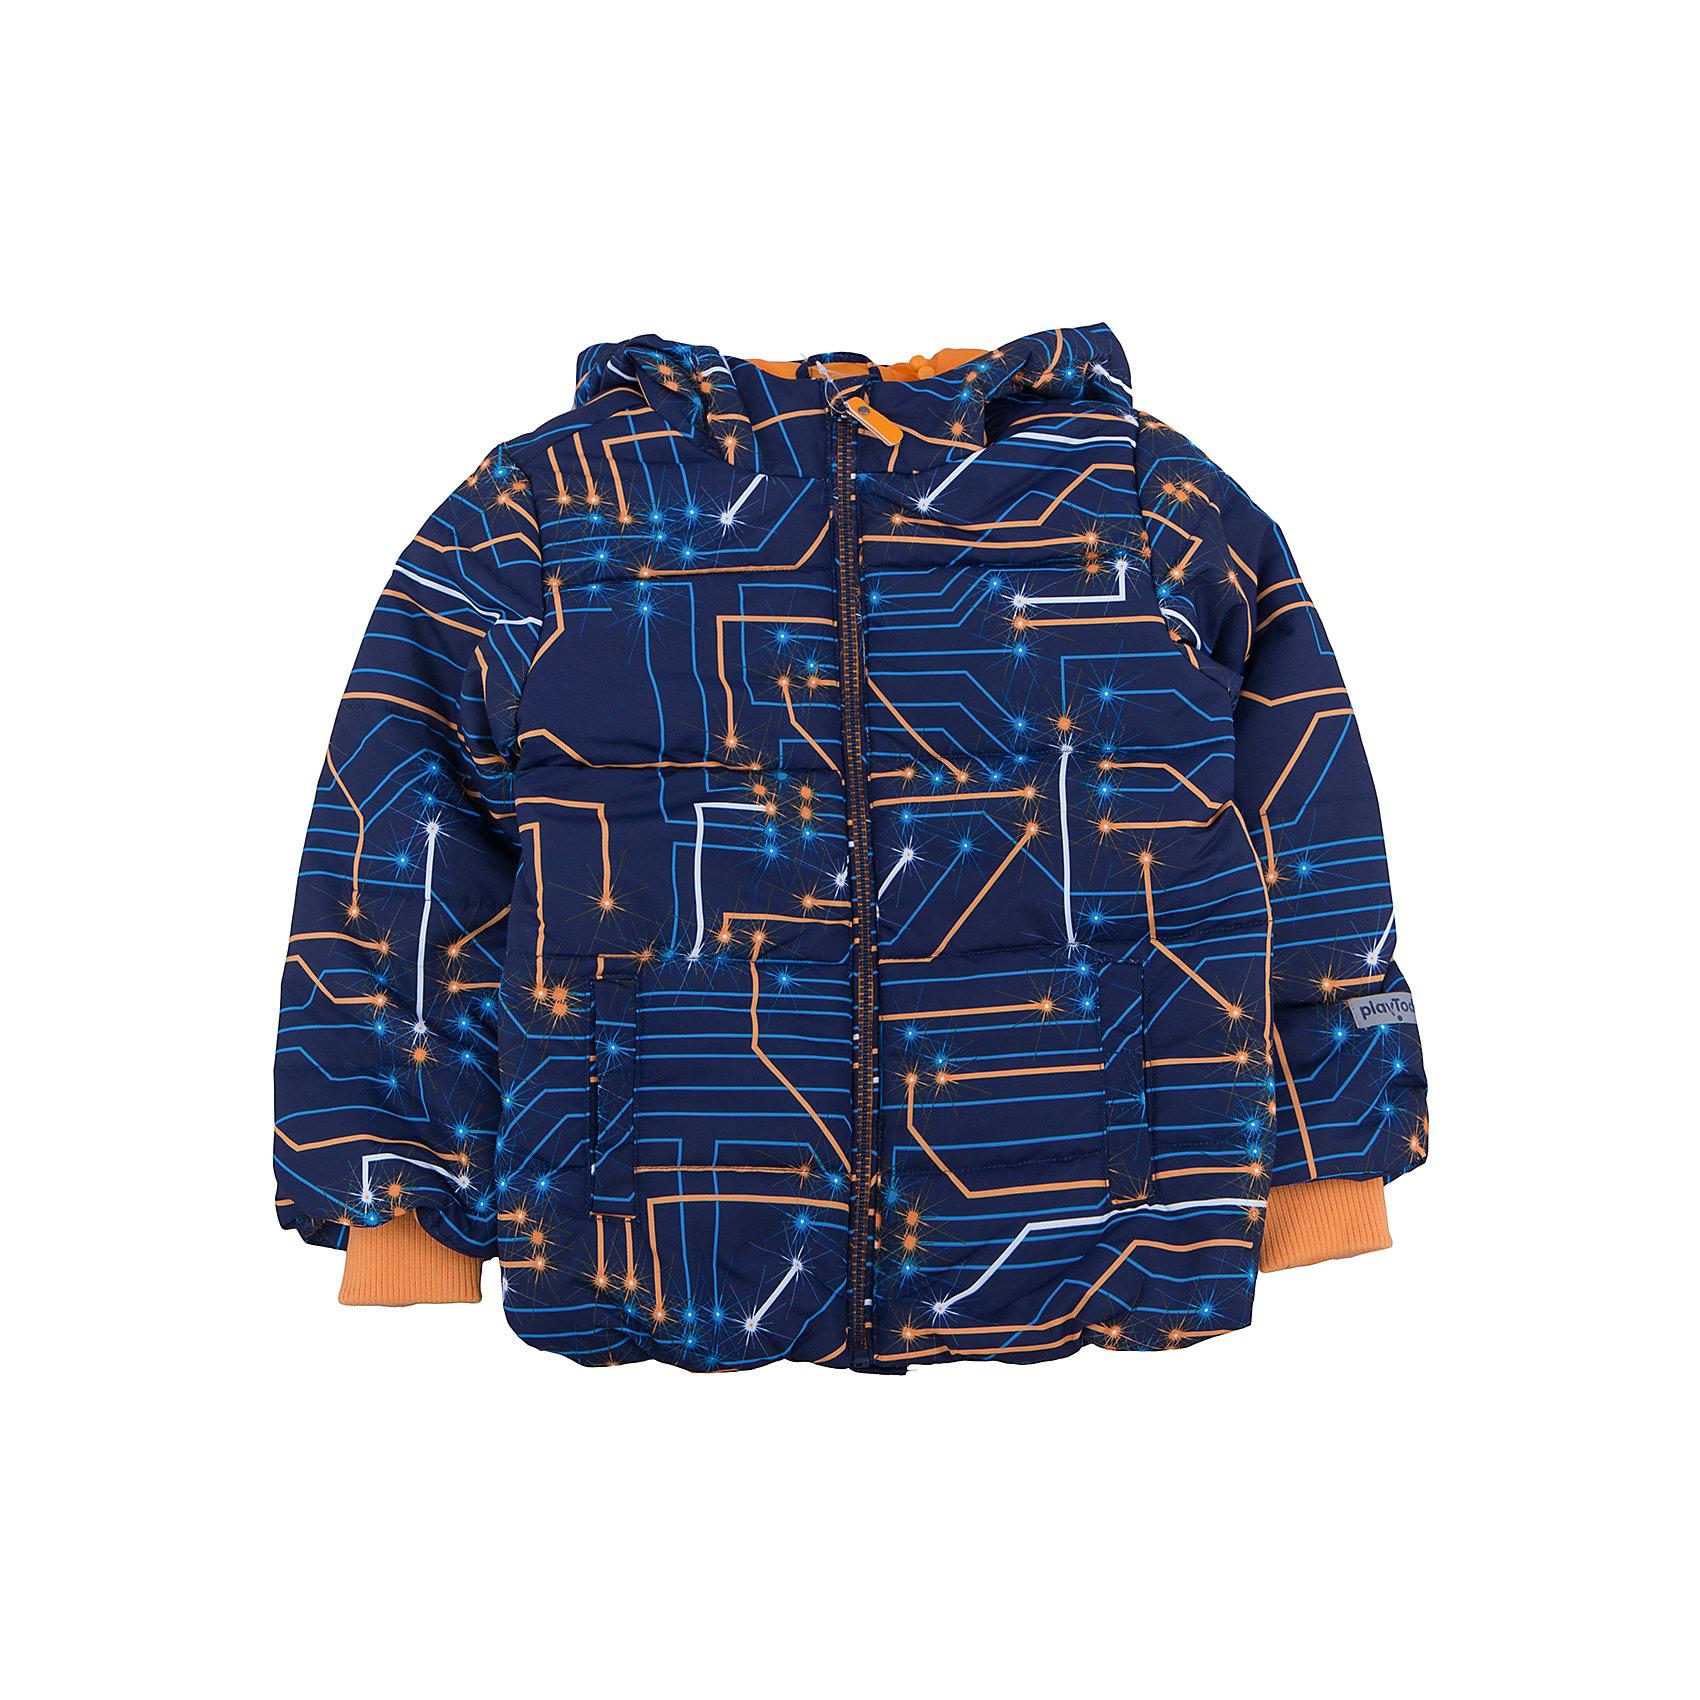 Куртка для мальчика PlayTodayВерхняя одежда<br>Куртка для мальчика от известного бренда PlayToday.<br>Уютная хлопковая футболка с длинными рукавами. Украшена комбинацией резинового и водного принтов. На воротнике мягкая трикотажная резинка.<br>Состав:<br>Верх: 100% полиэстер, Подкладка: 100% полиэстер, Наполнитель: 100% полиэстер, 250 г/м2<br><br>Ширина мм: 356<br>Глубина мм: 10<br>Высота мм: 245<br>Вес г: 519<br>Цвет: разноцветный<br>Возраст от месяцев: 72<br>Возраст до месяцев: 84<br>Пол: Мужской<br>Возраст: Детский<br>Размер: 122,104,128,116,110,98<br>SKU: 4896717